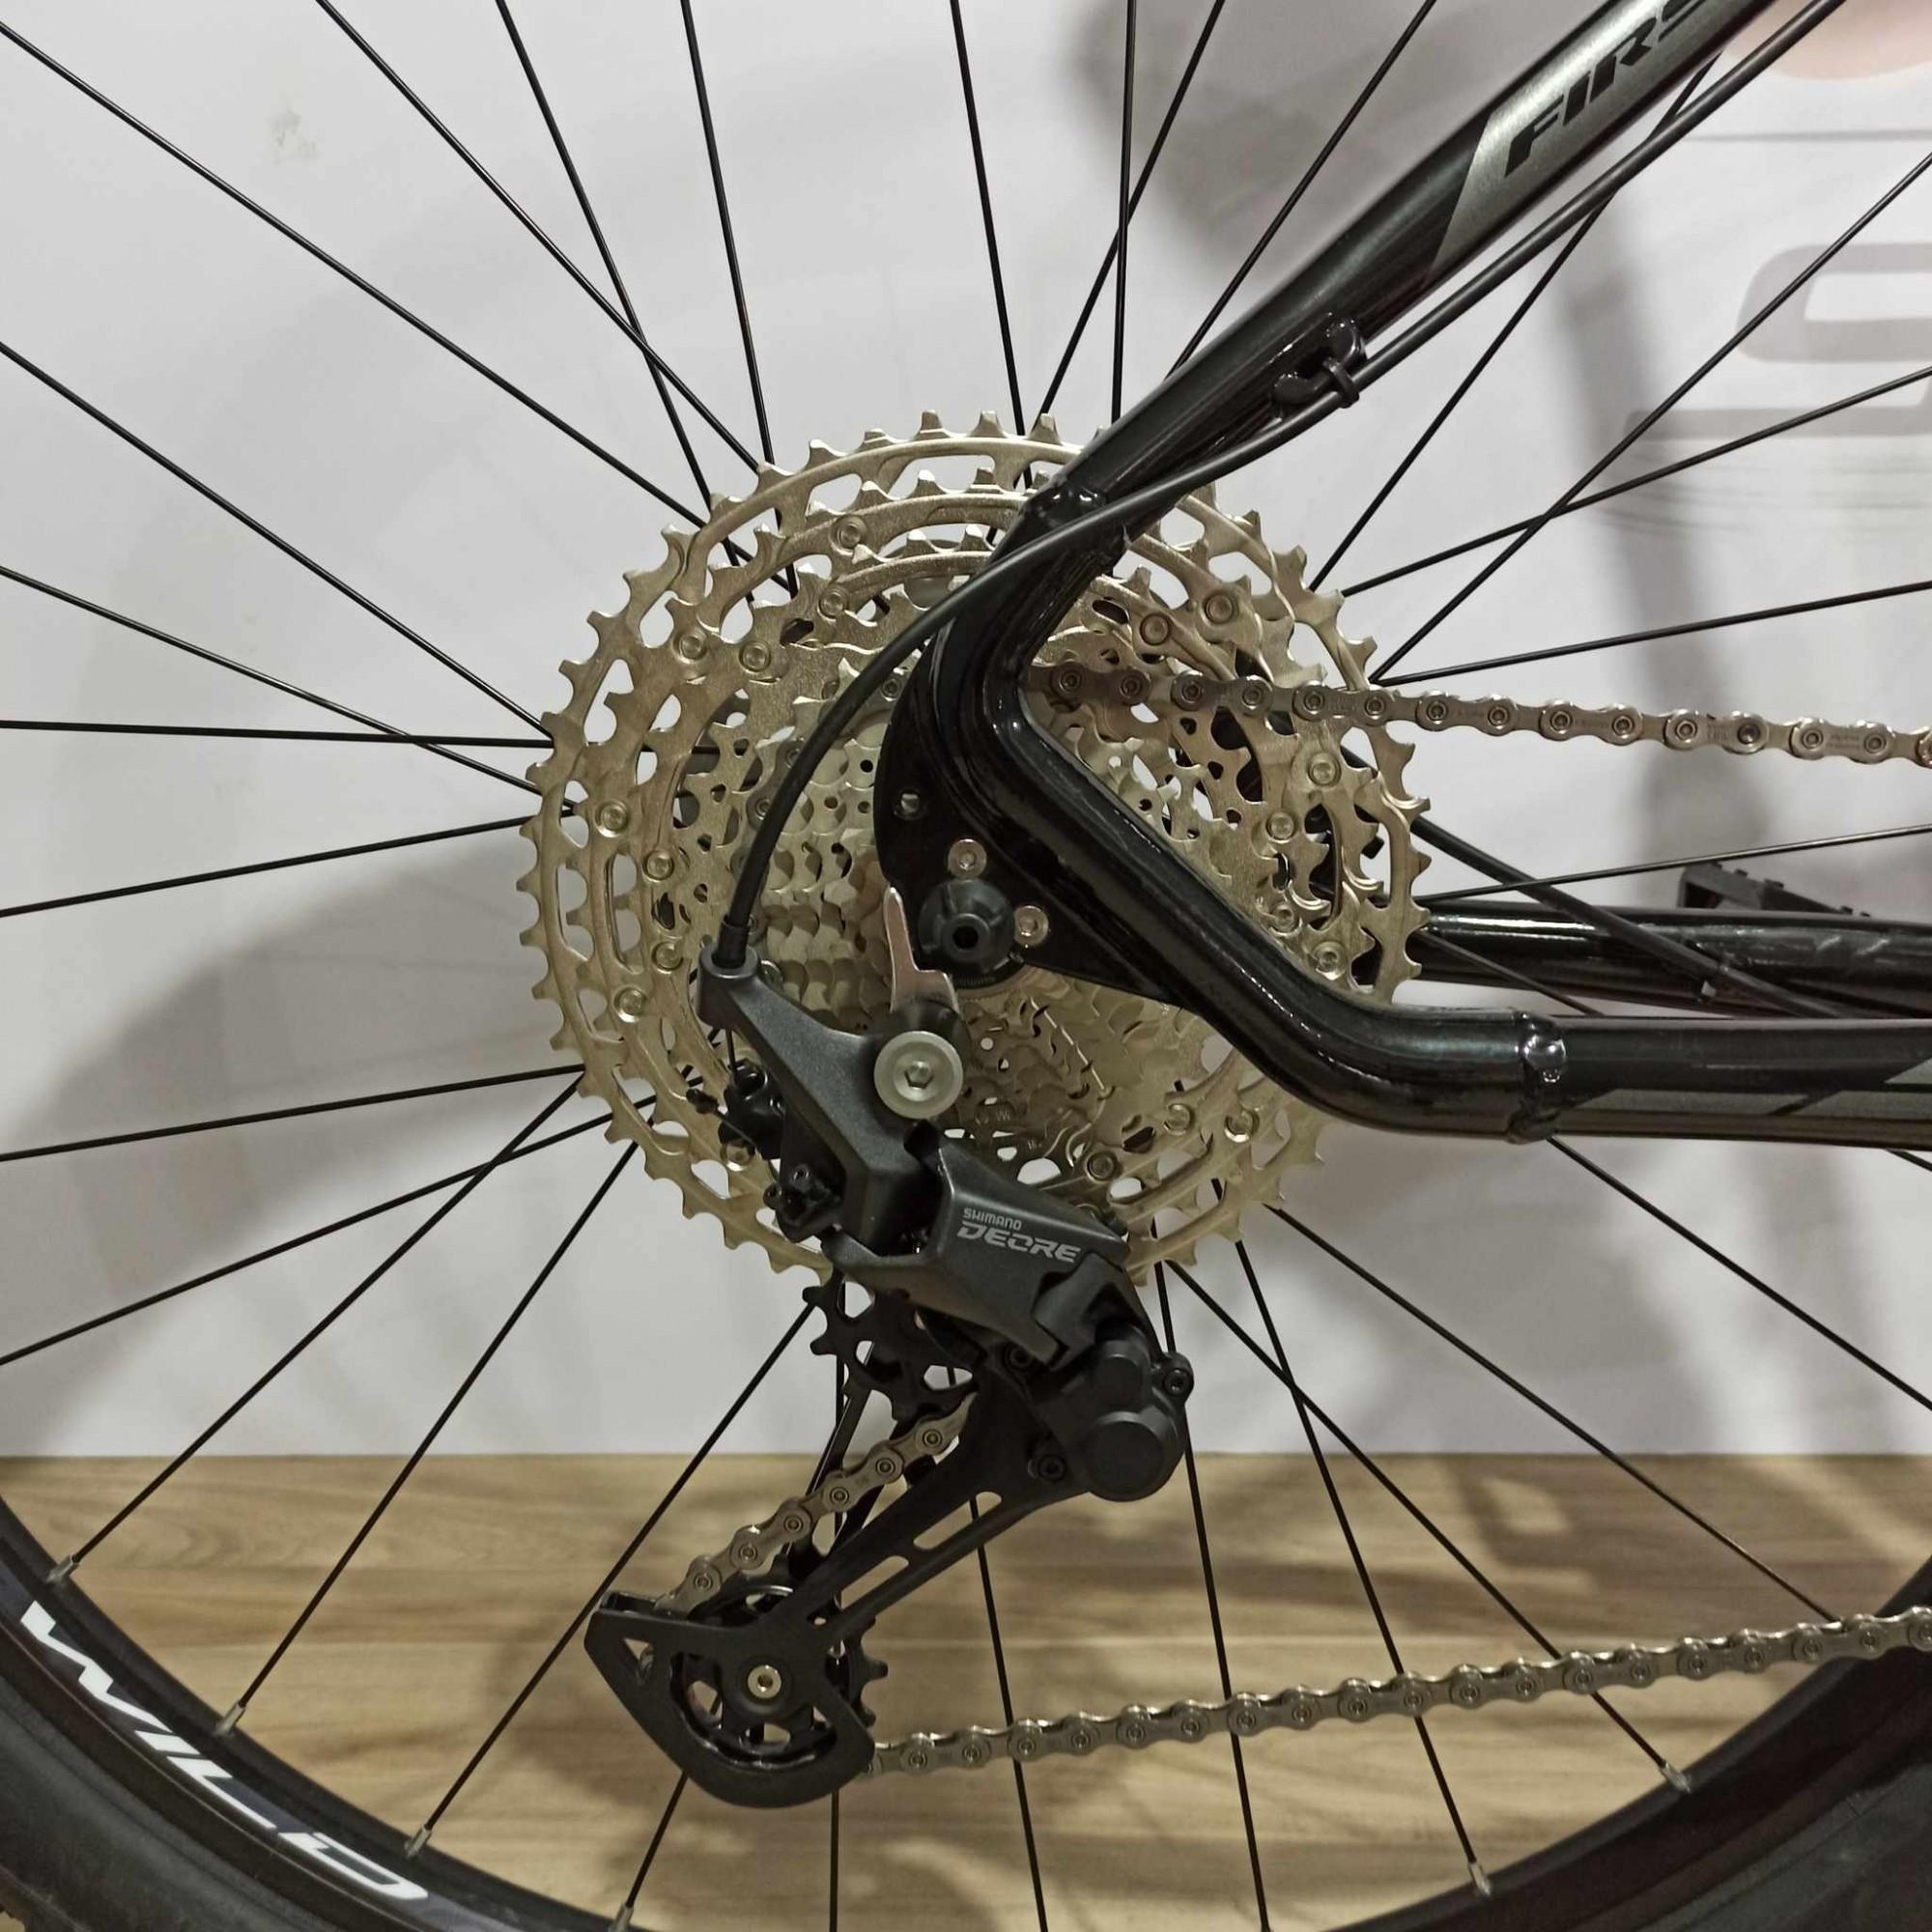 Bicicleta FIRST Lunix aro 29 - 11v Shimano Deore - Freio Shimano Hidráulico - Suspensão Absolute Prime a AR com Trava no Guidão